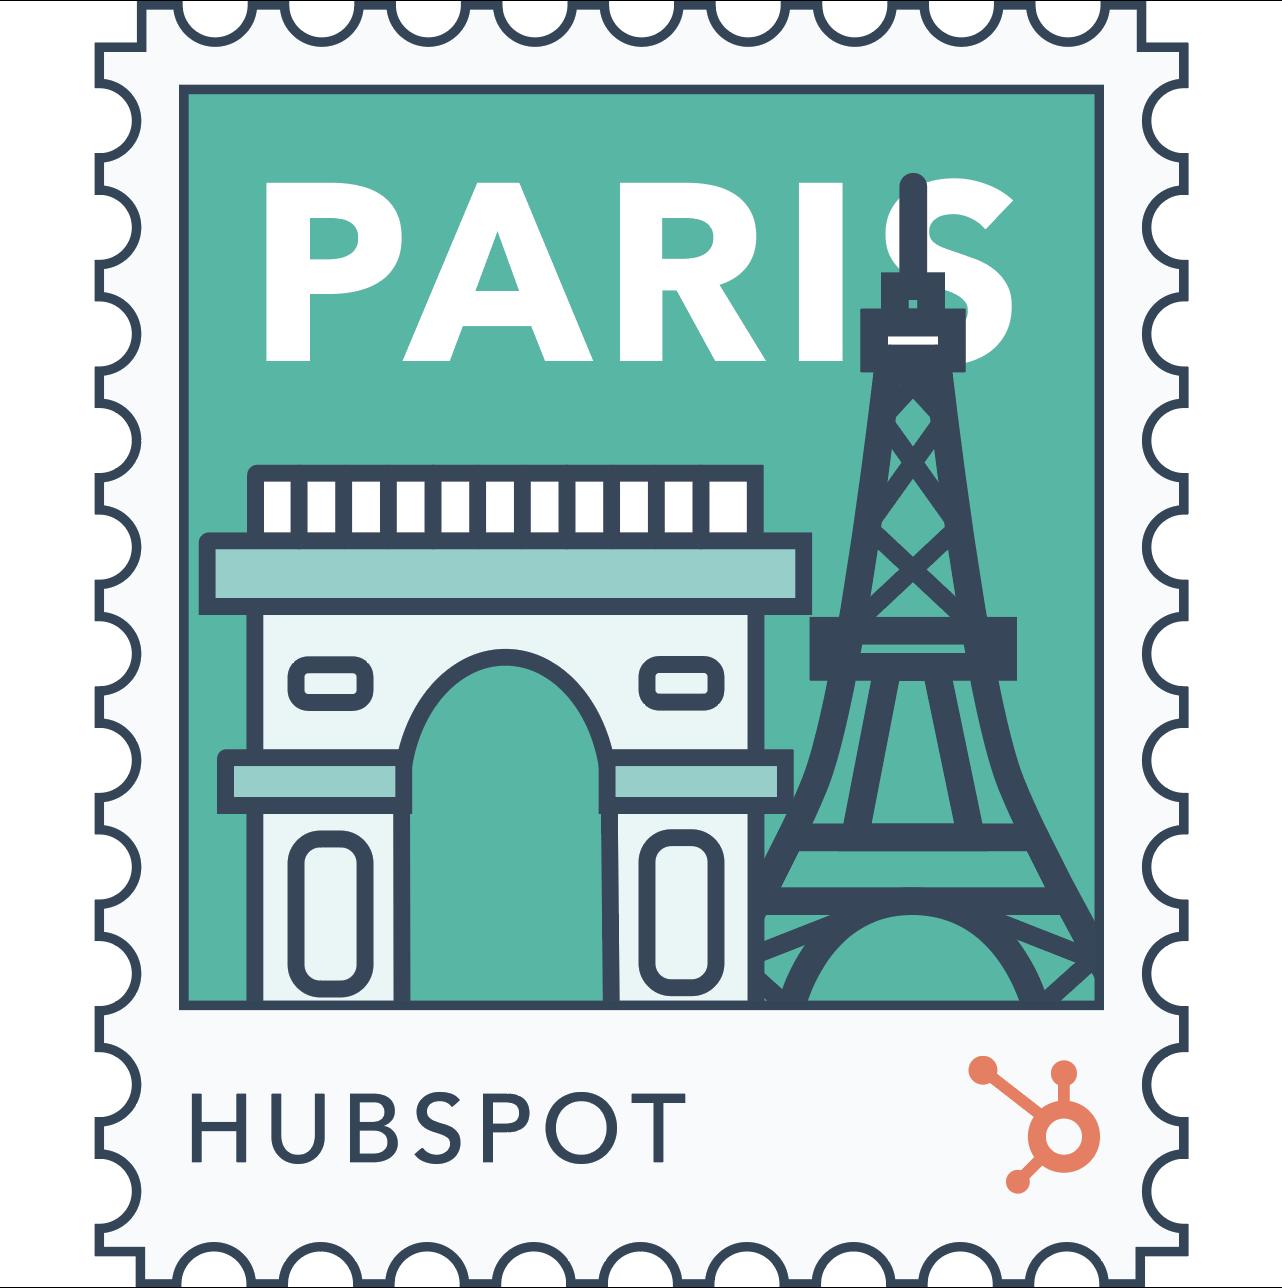 HubSpot fête l'ouverture de son neuvième bureau mondial à Paris